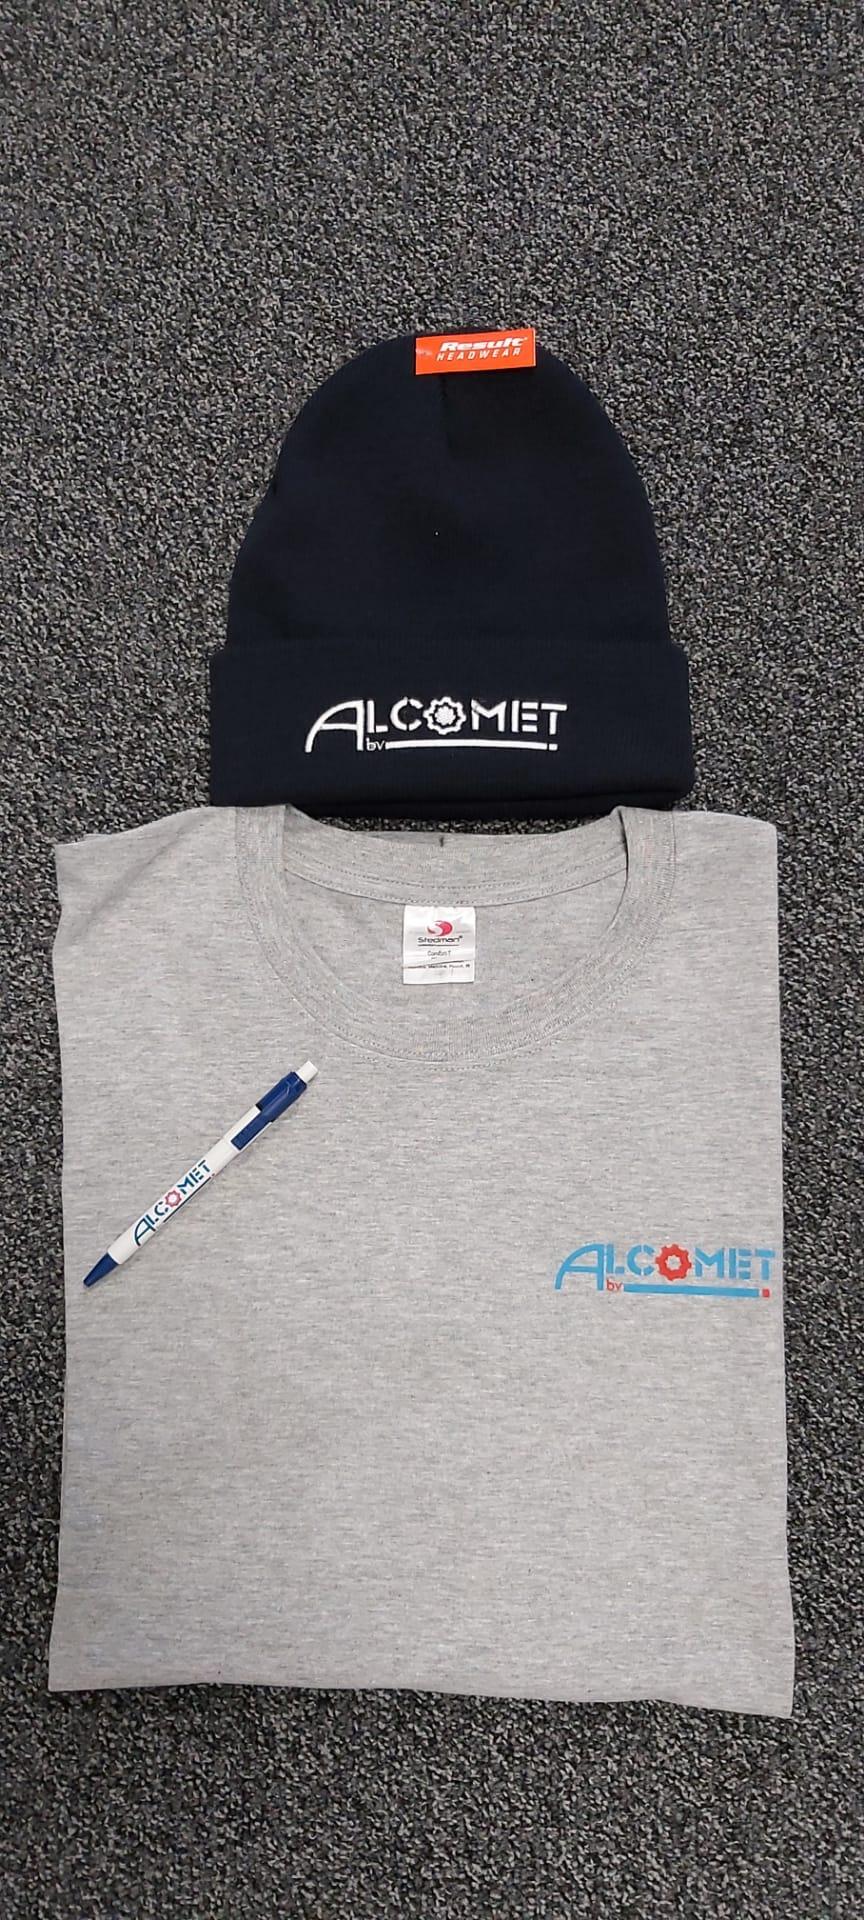 kleding Alcomet